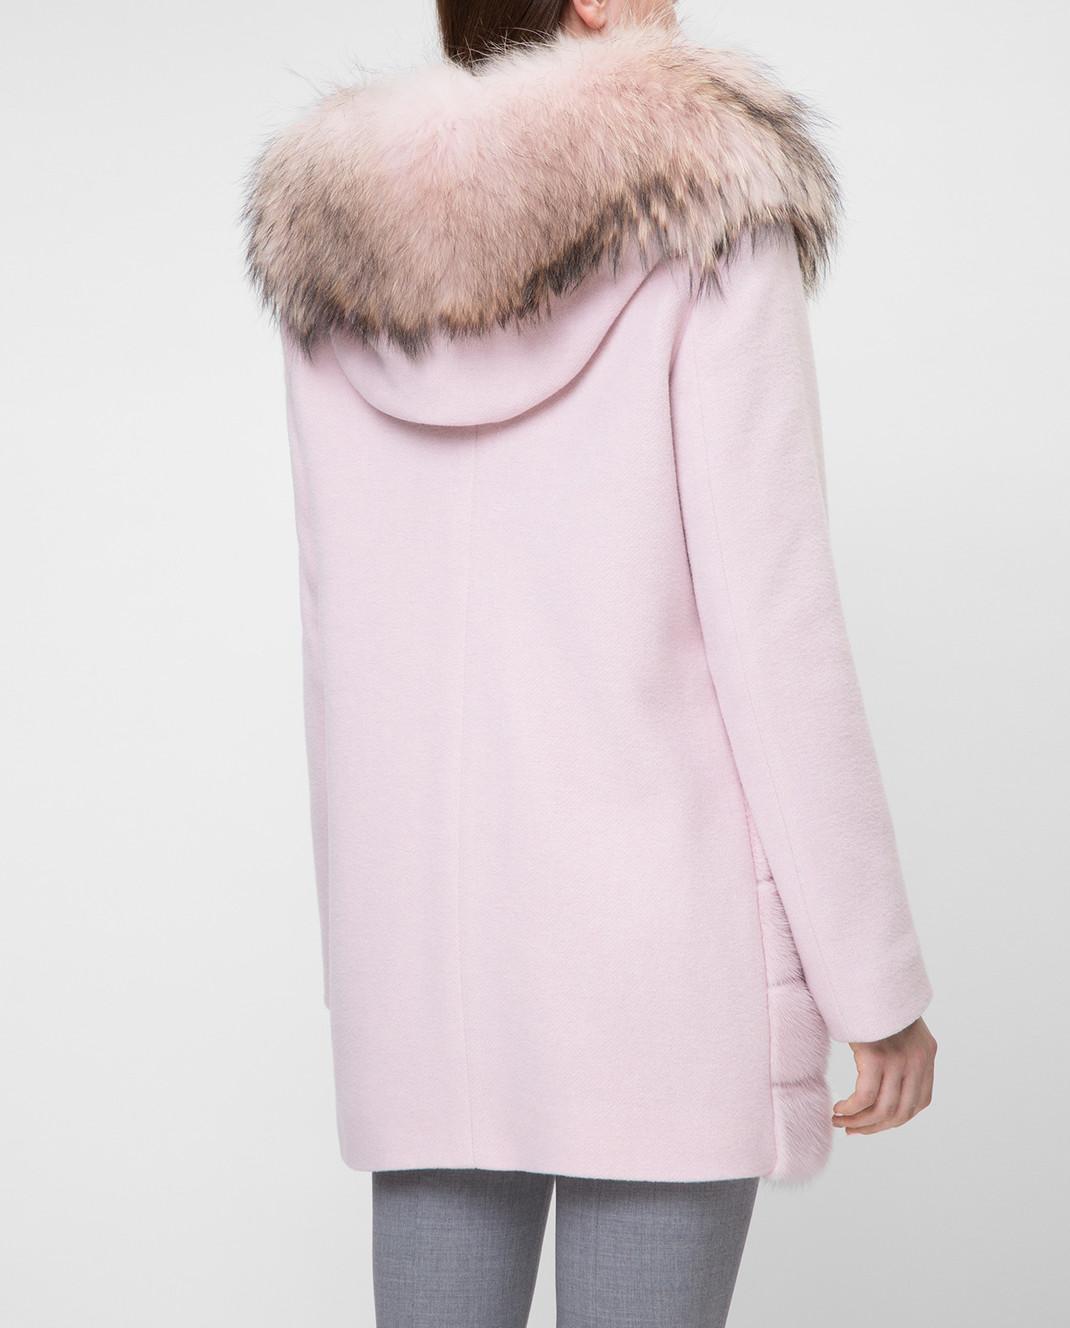 Real Furs House Розовое пальто с мехом енота 922RFH изображение 4